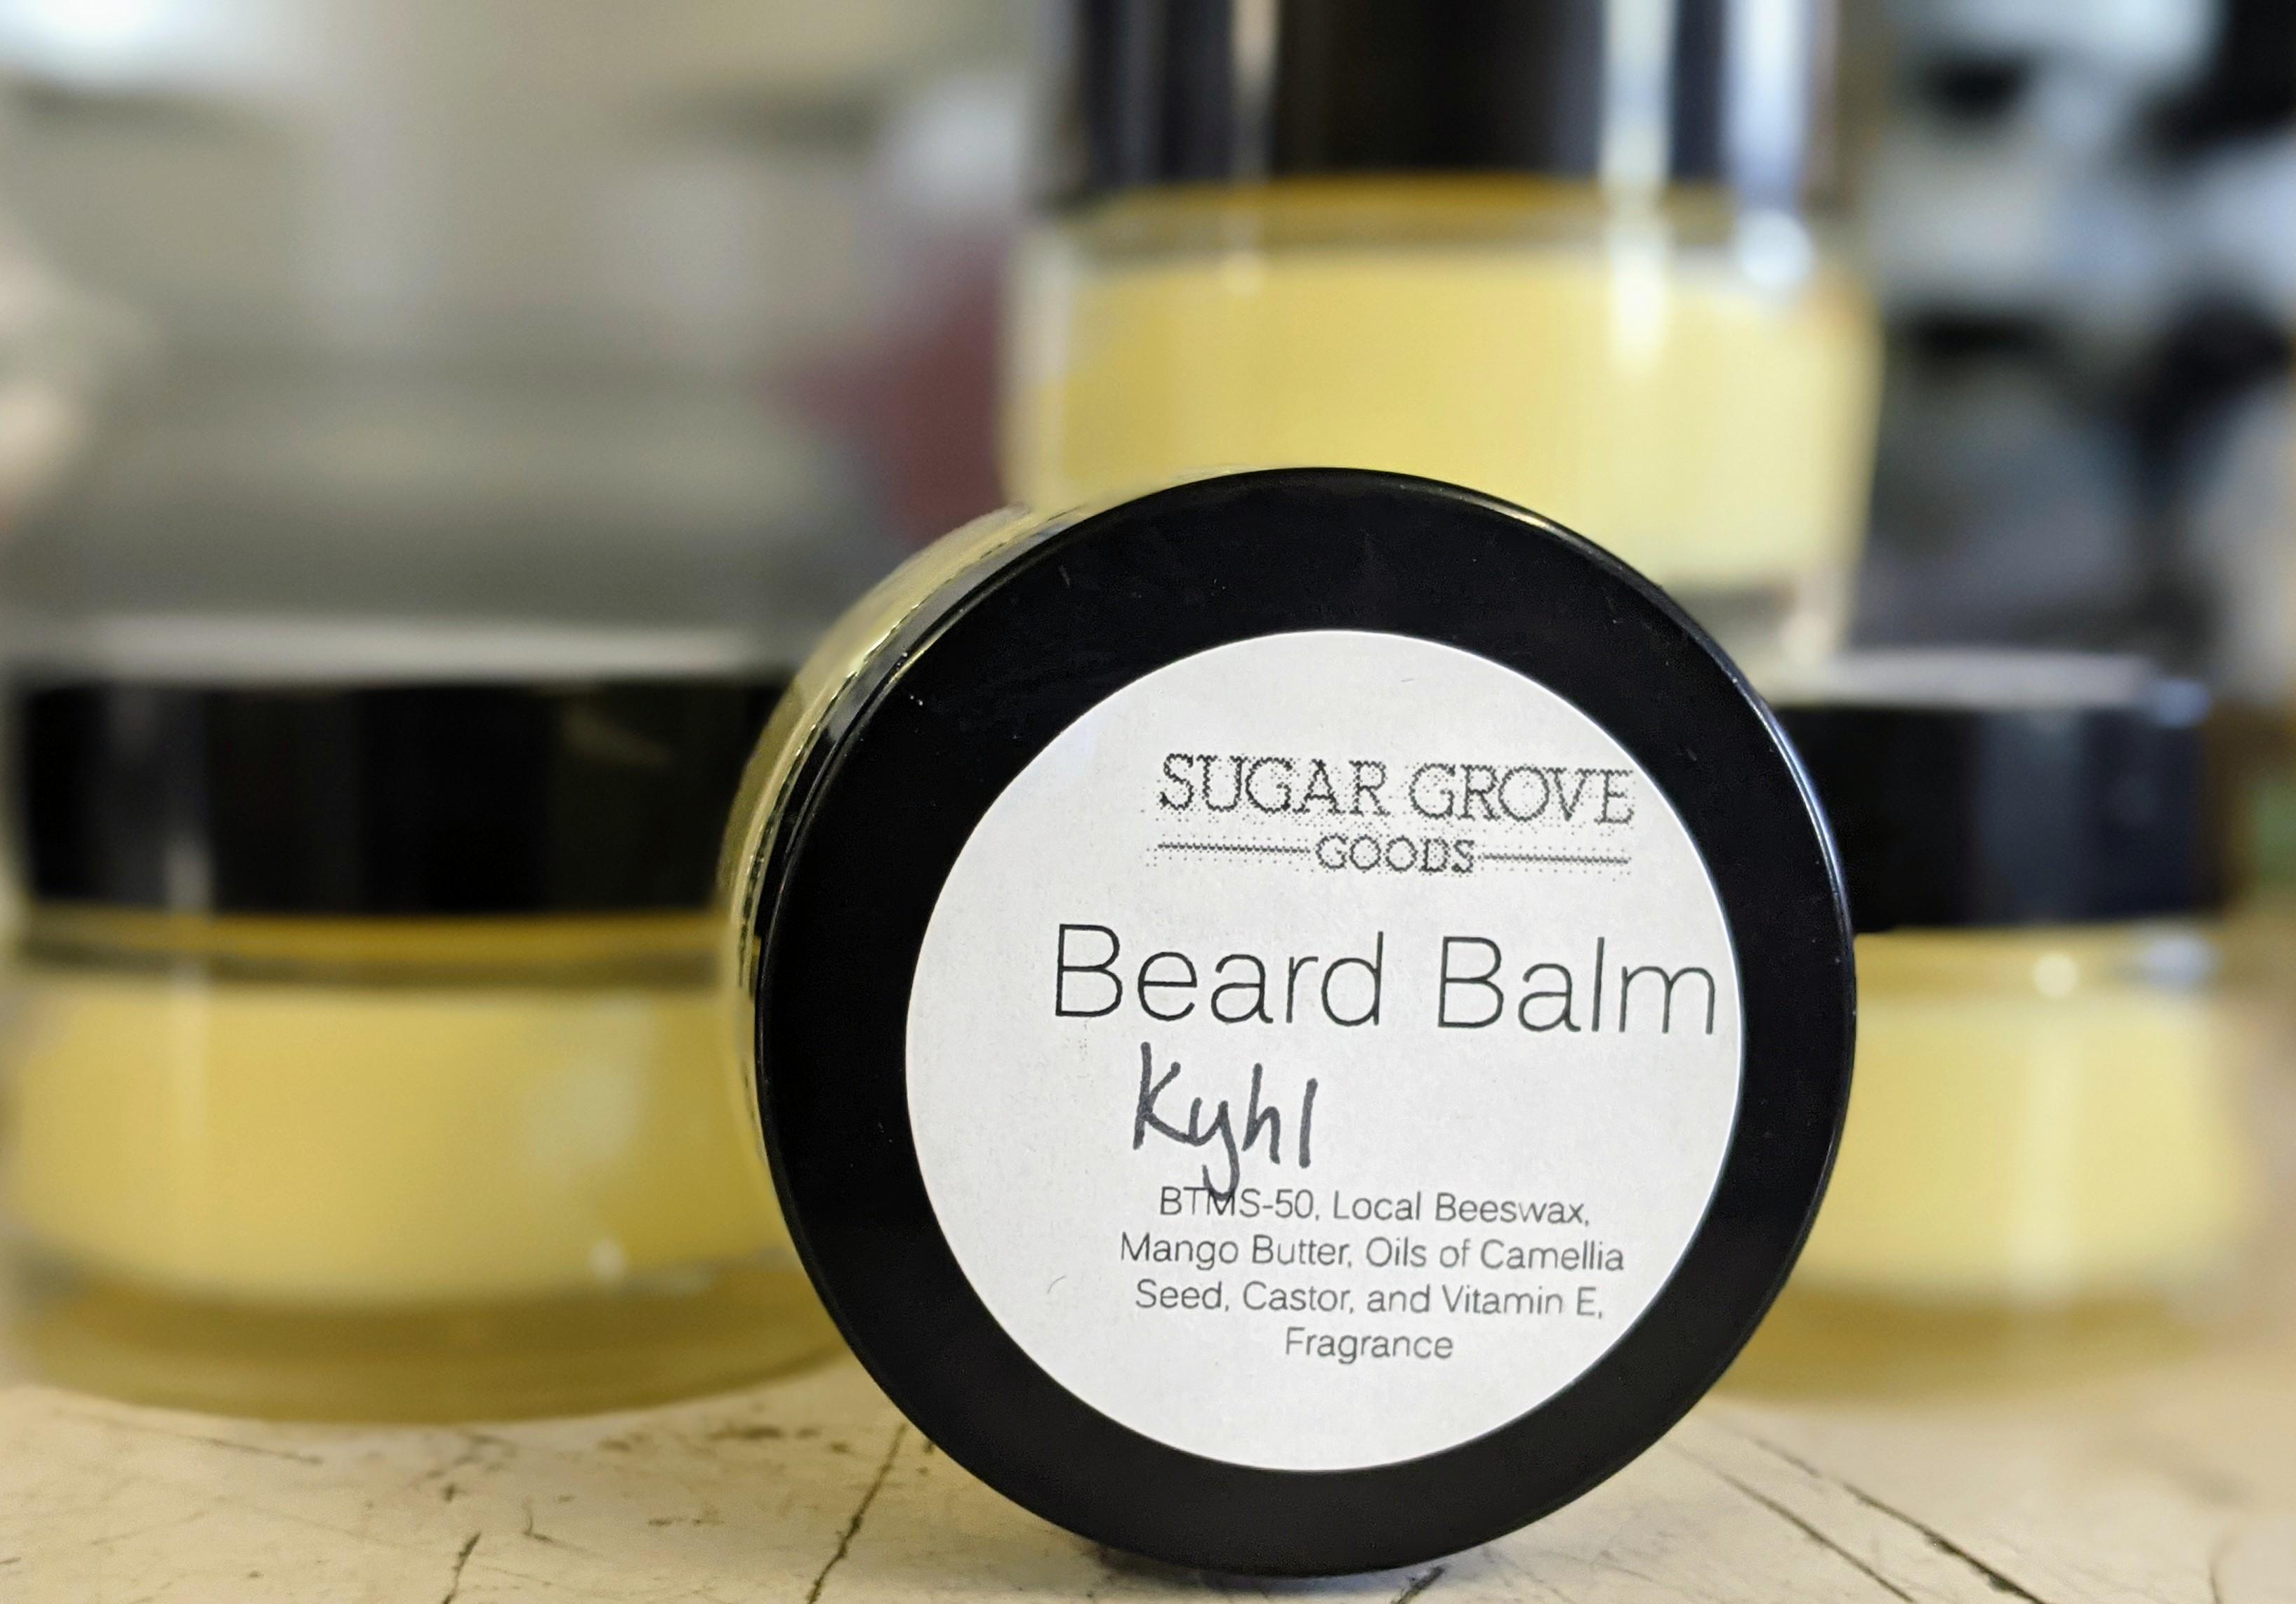 Beard Balm - Kyhl